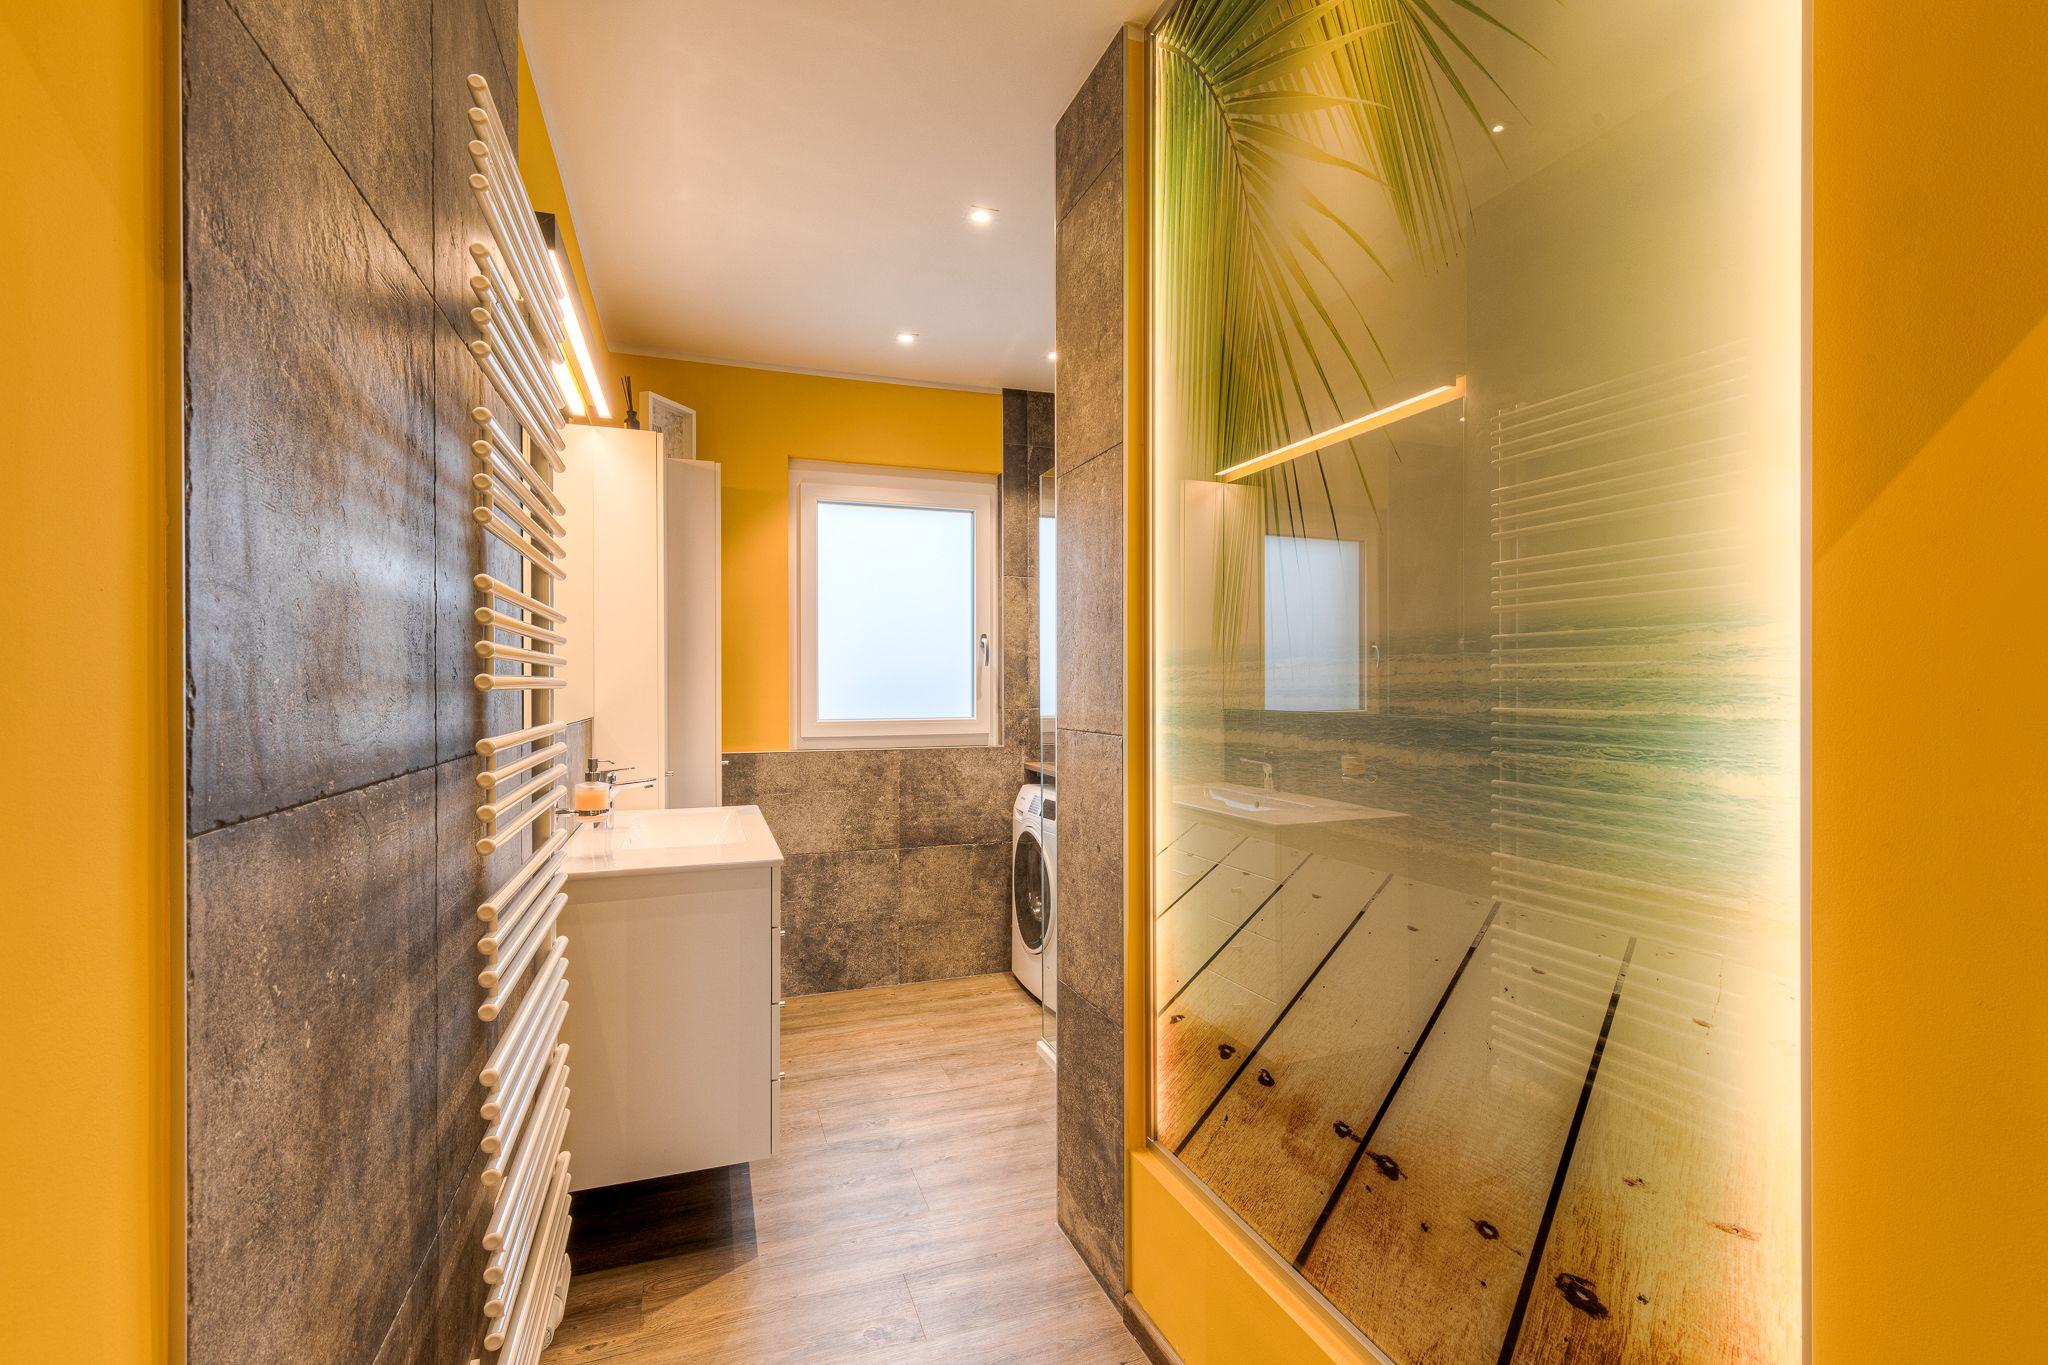 Badezimmer altes Haus renovieren Steiner2 - Wie man alten Häusern neues Leben einhaucht